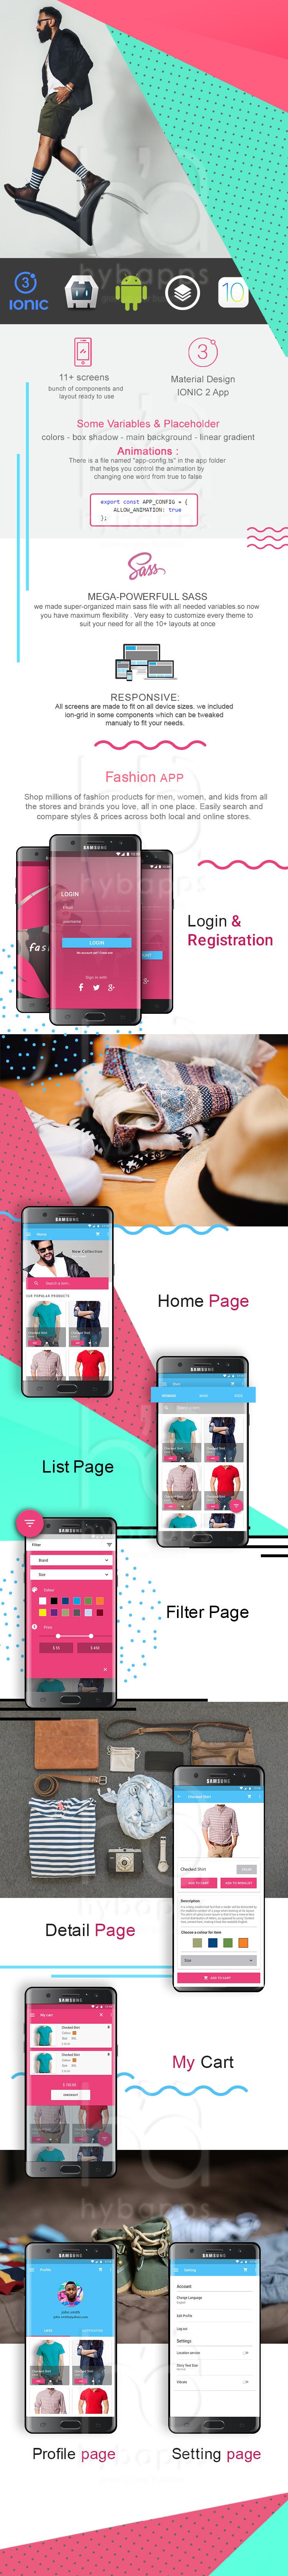 Fashion v2-ionic app theme